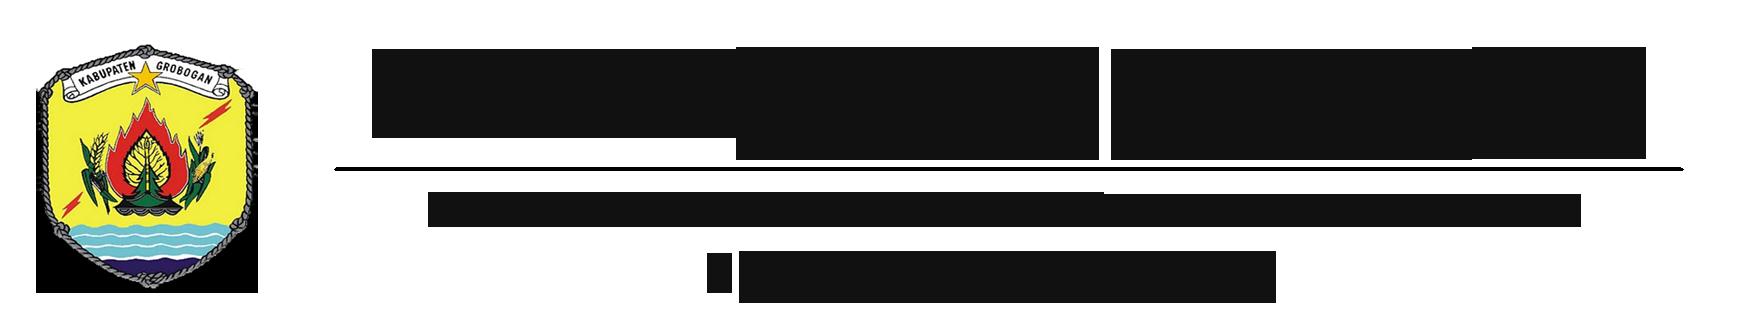 Dinas Lingkungan Hidup Kabupaten Grobogan